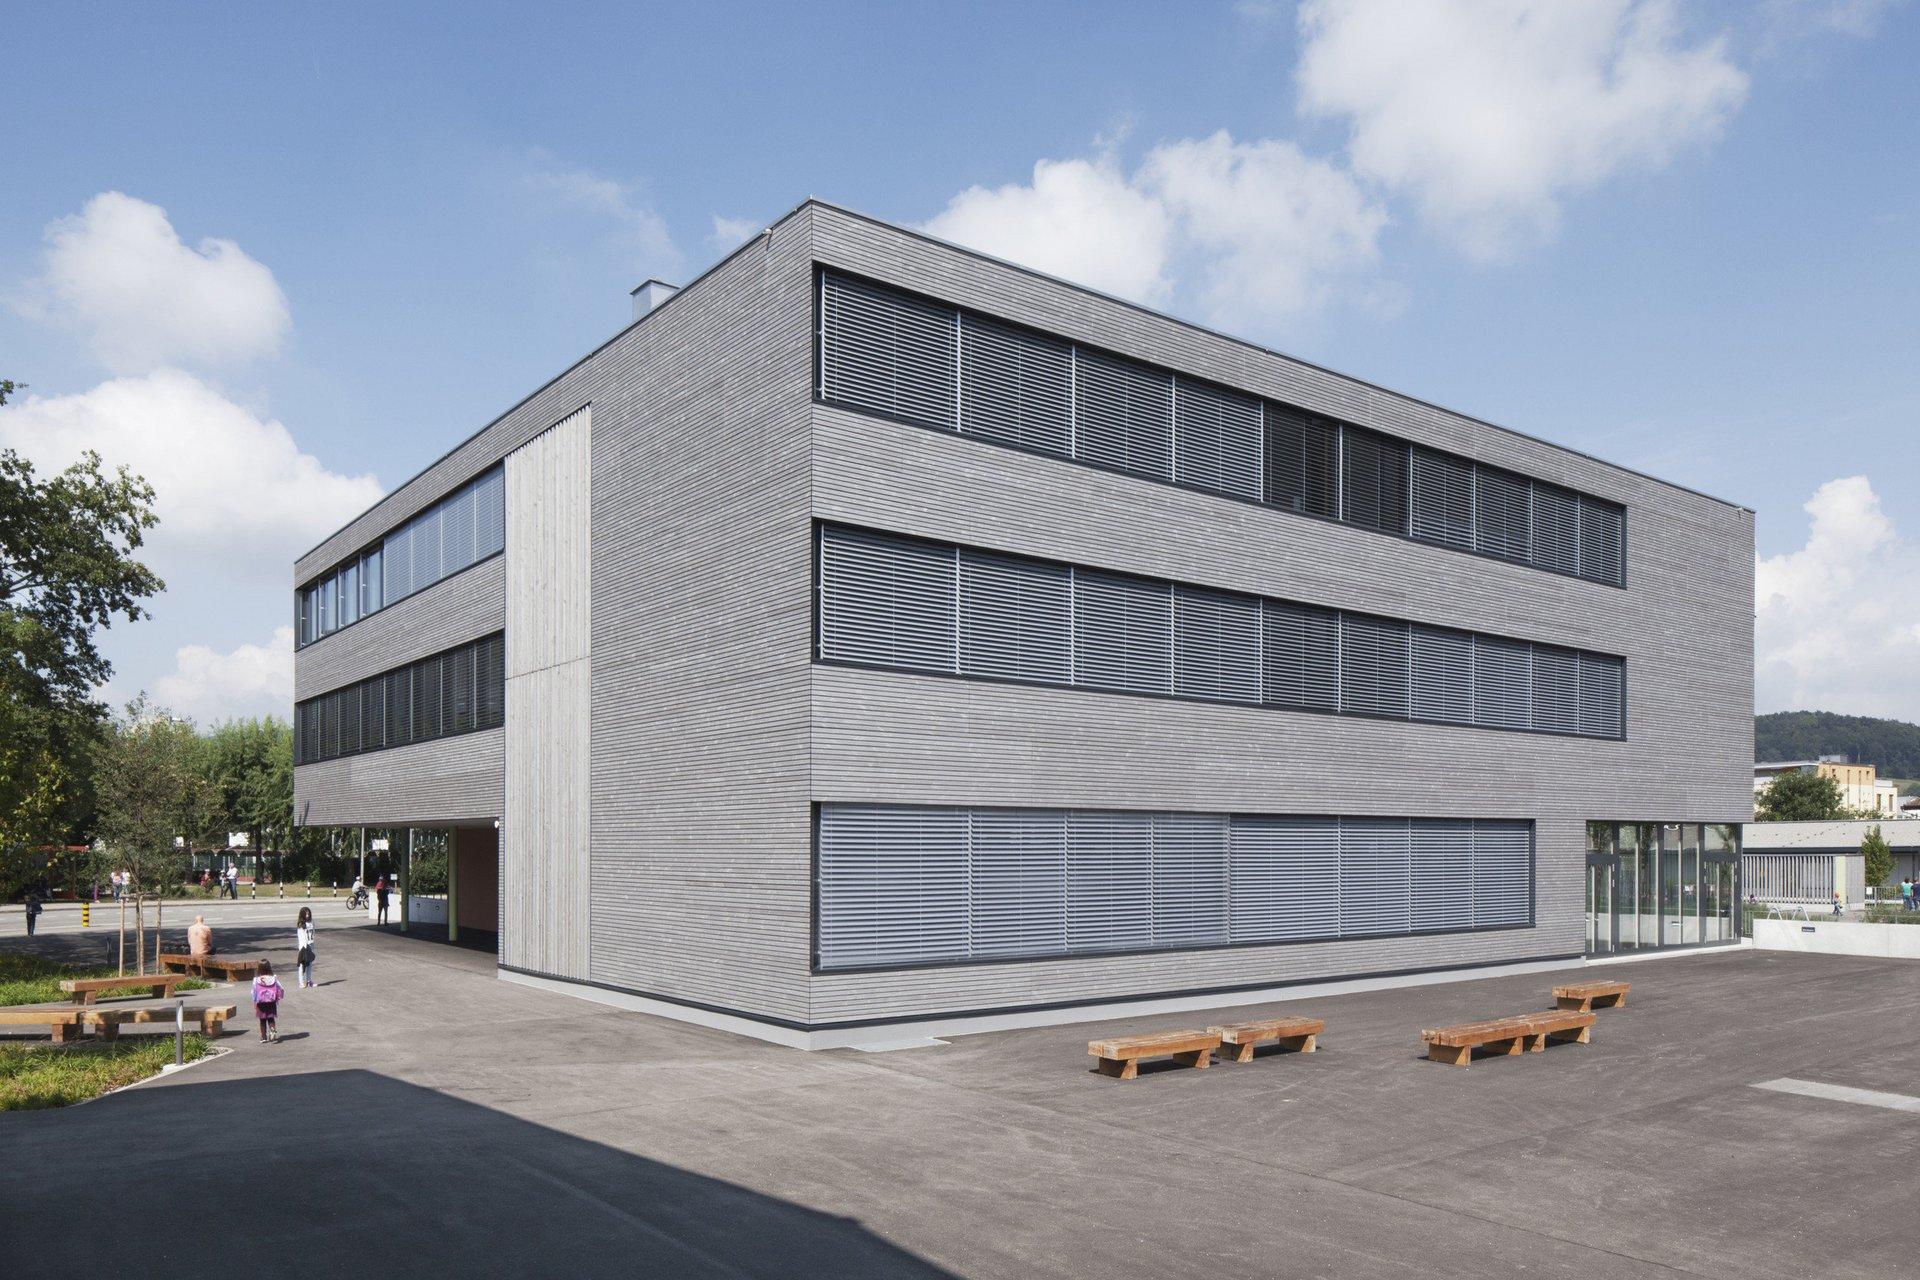 Bâtiment scolaire de 4 étages à agencement régulier des fenêtres